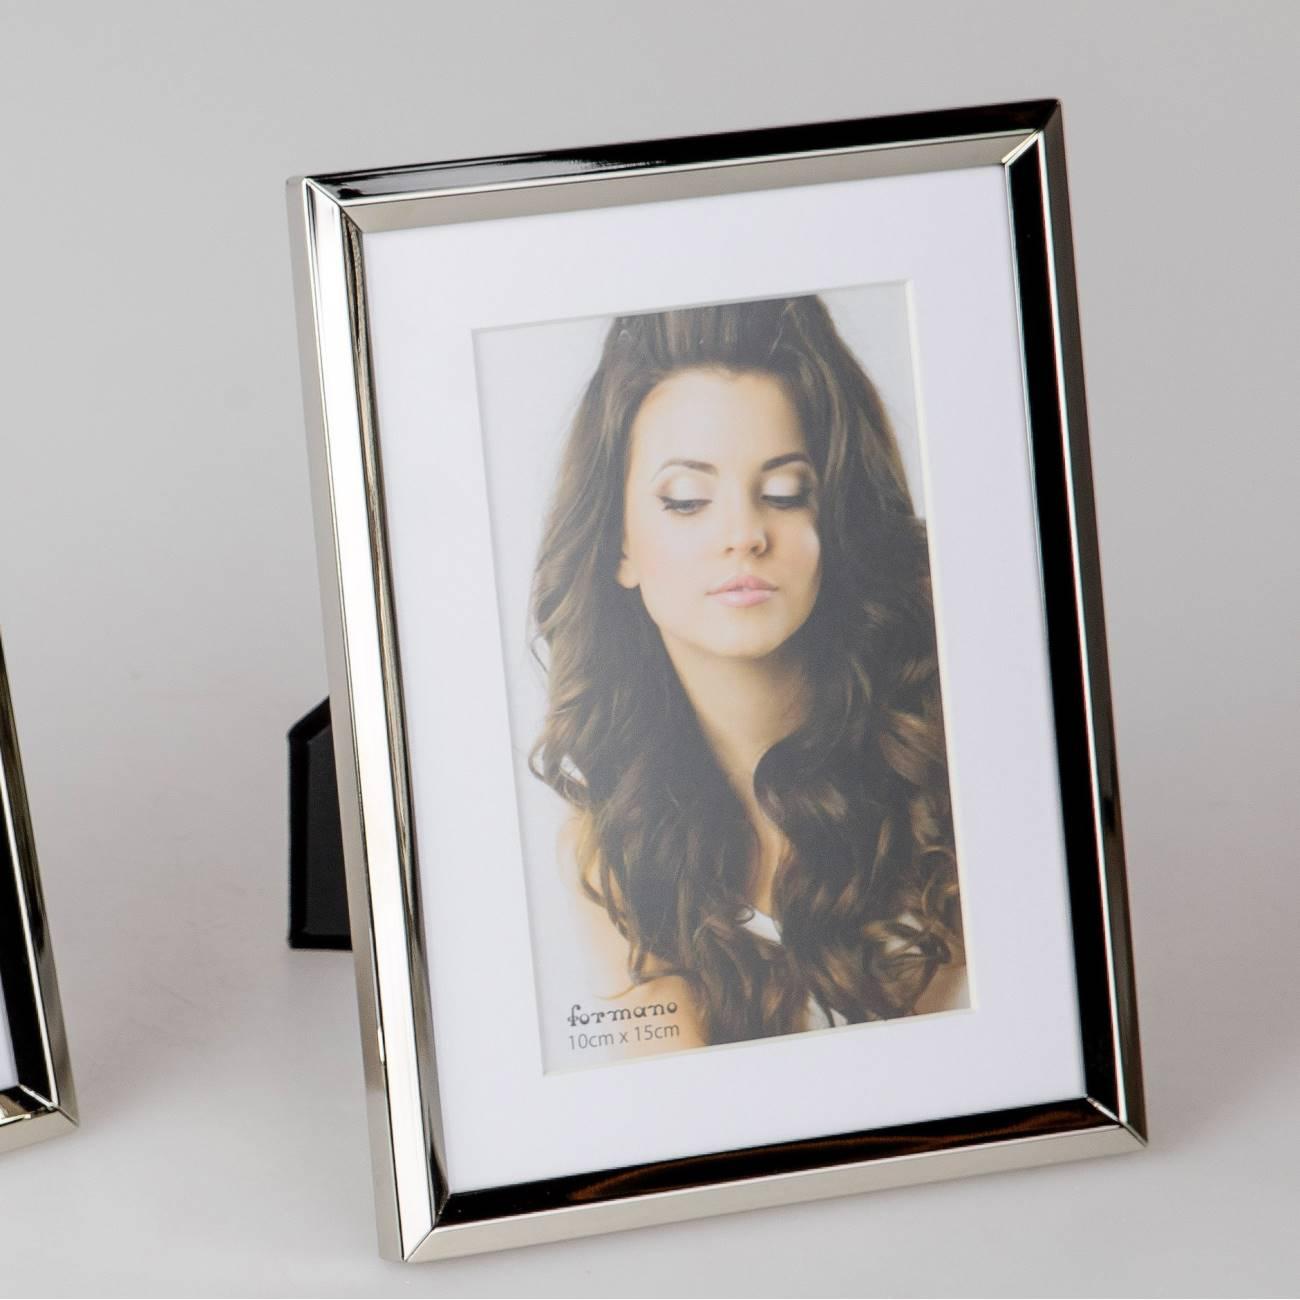 Fotorahmen, Bilderrahmen SILVER für 10x15cm silber glänzend Metall ...